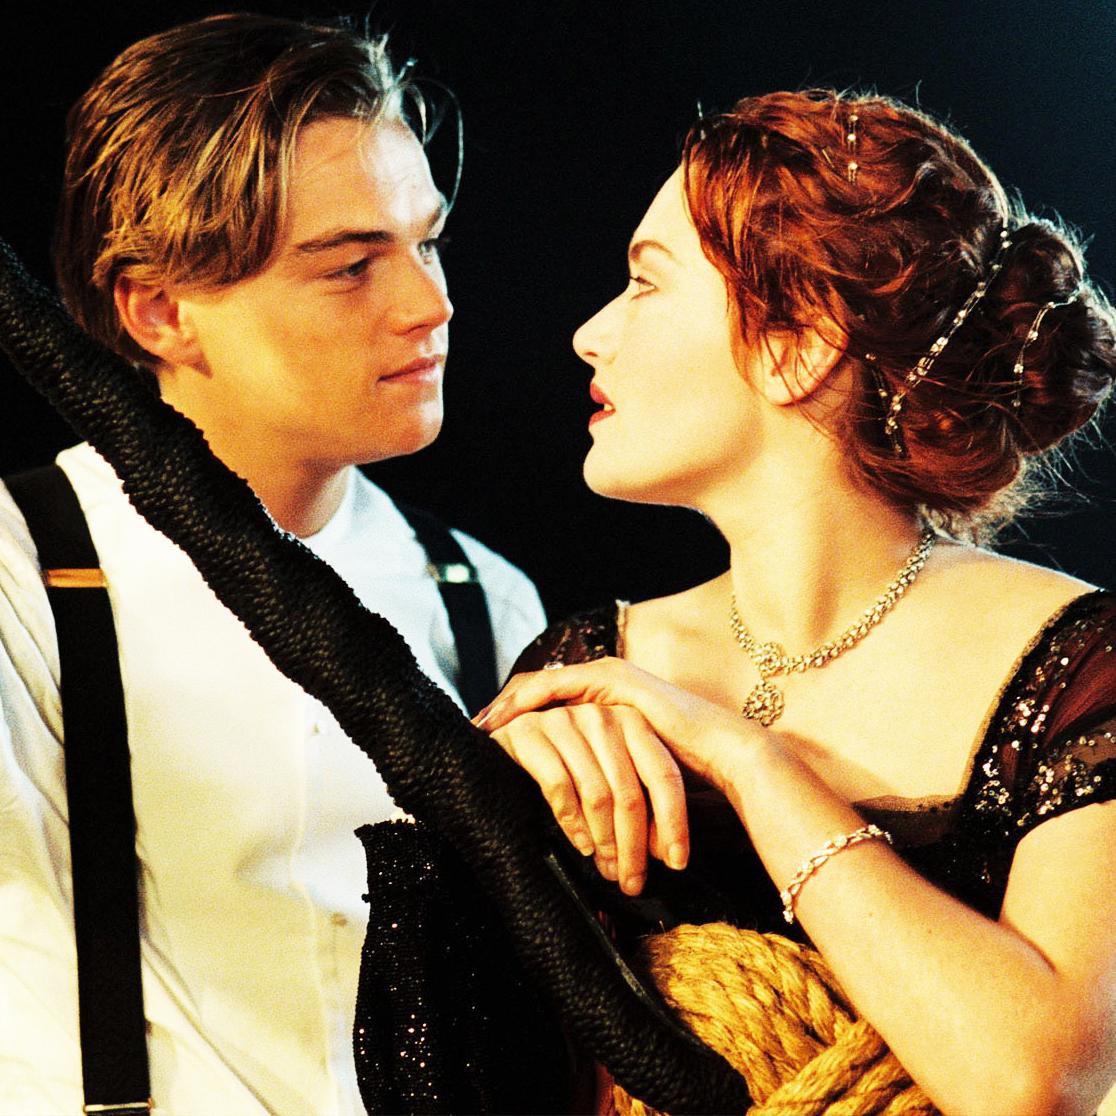 Titanic Movie: The Best Movies Website In Jaffna